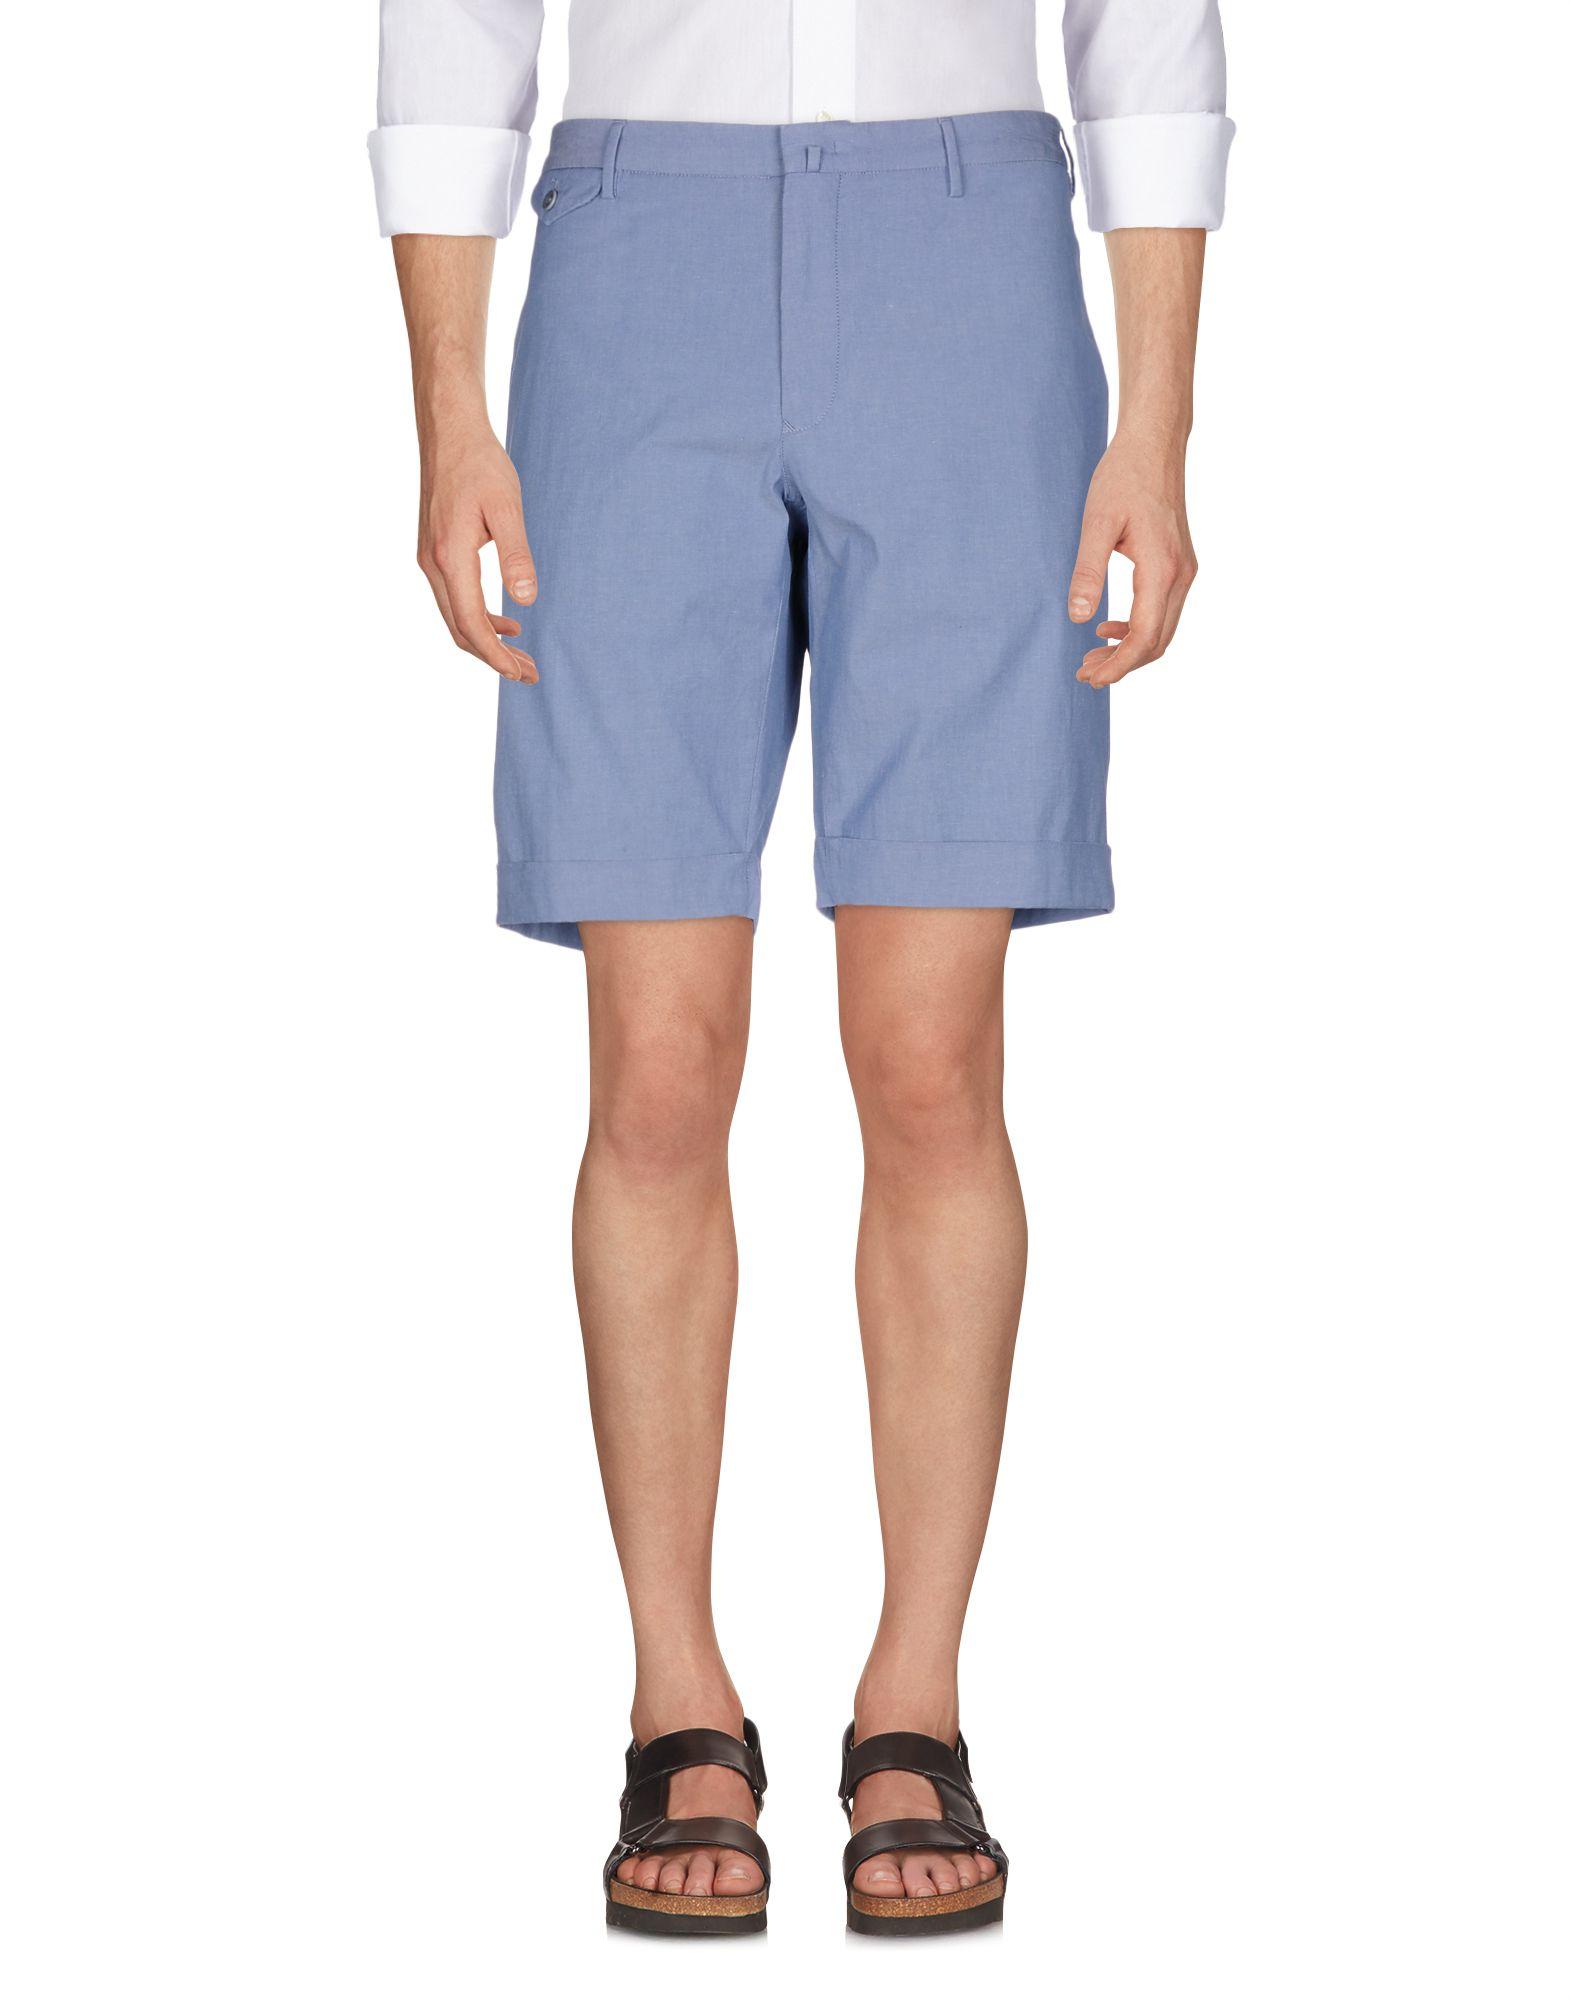 Pantalone Classico Incotex Uomo - Acquista online su